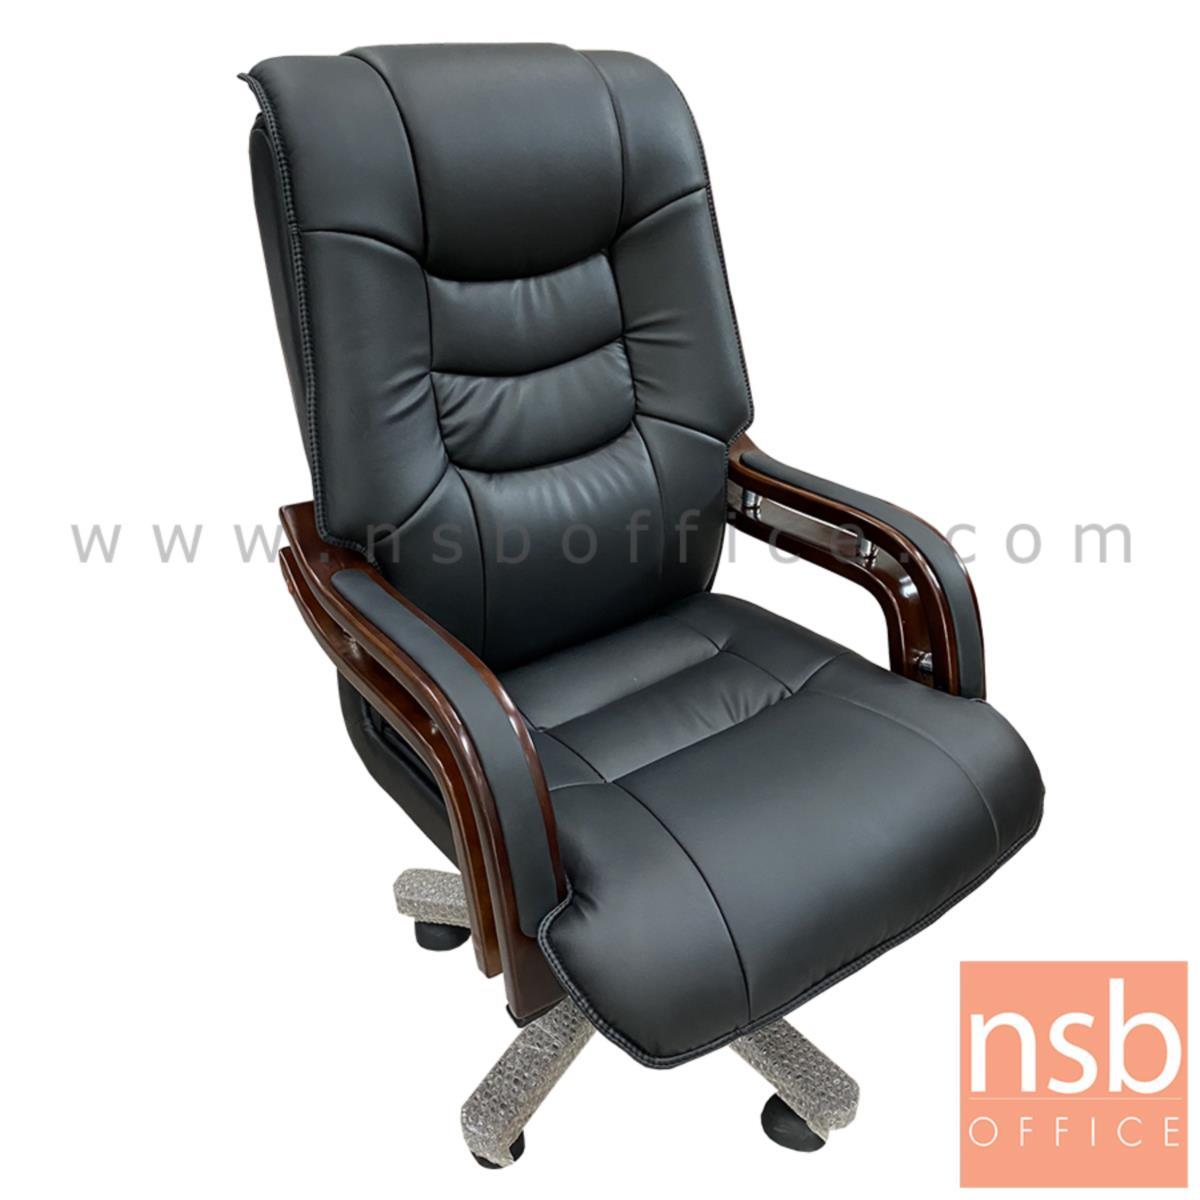 B25A144:เก้าอี้ผู้บริหาร รุ่น Oleander (โอลิแอนเดอะ)  โช๊คแก๊ส แขน-ขาไม้